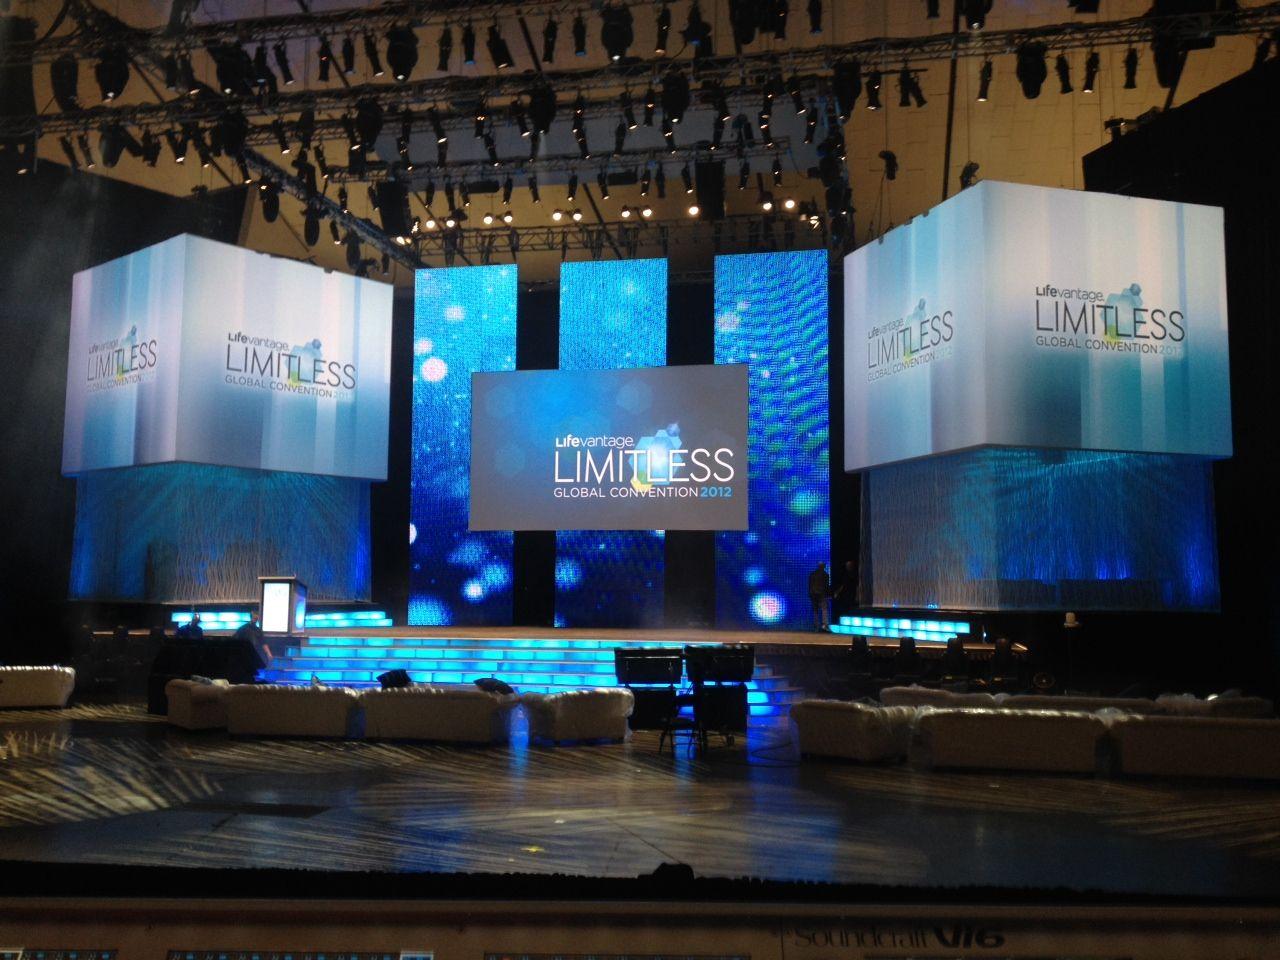 stage design projection led life vantage global conference anaheim ca led. Black Bedroom Furniture Sets. Home Design Ideas